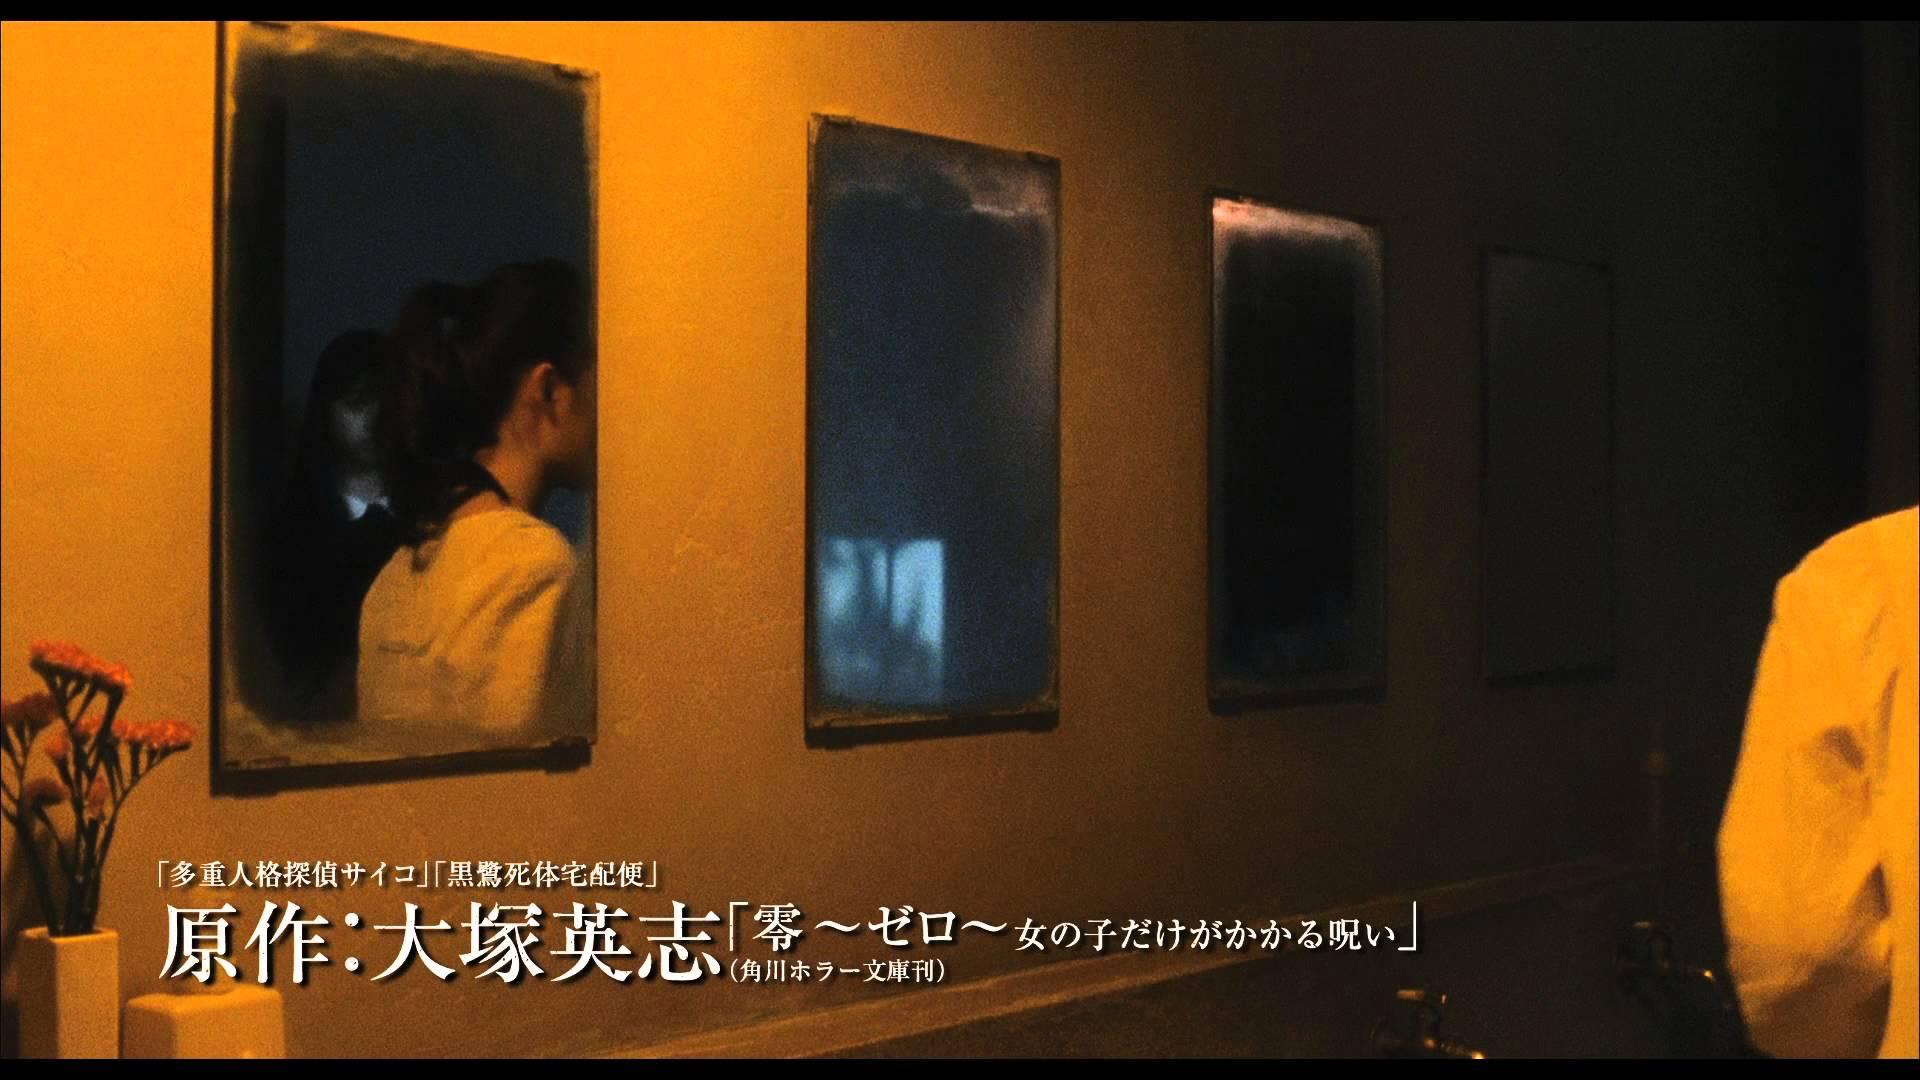 『劇場版 零~ゼロ~』本予告映像が公開